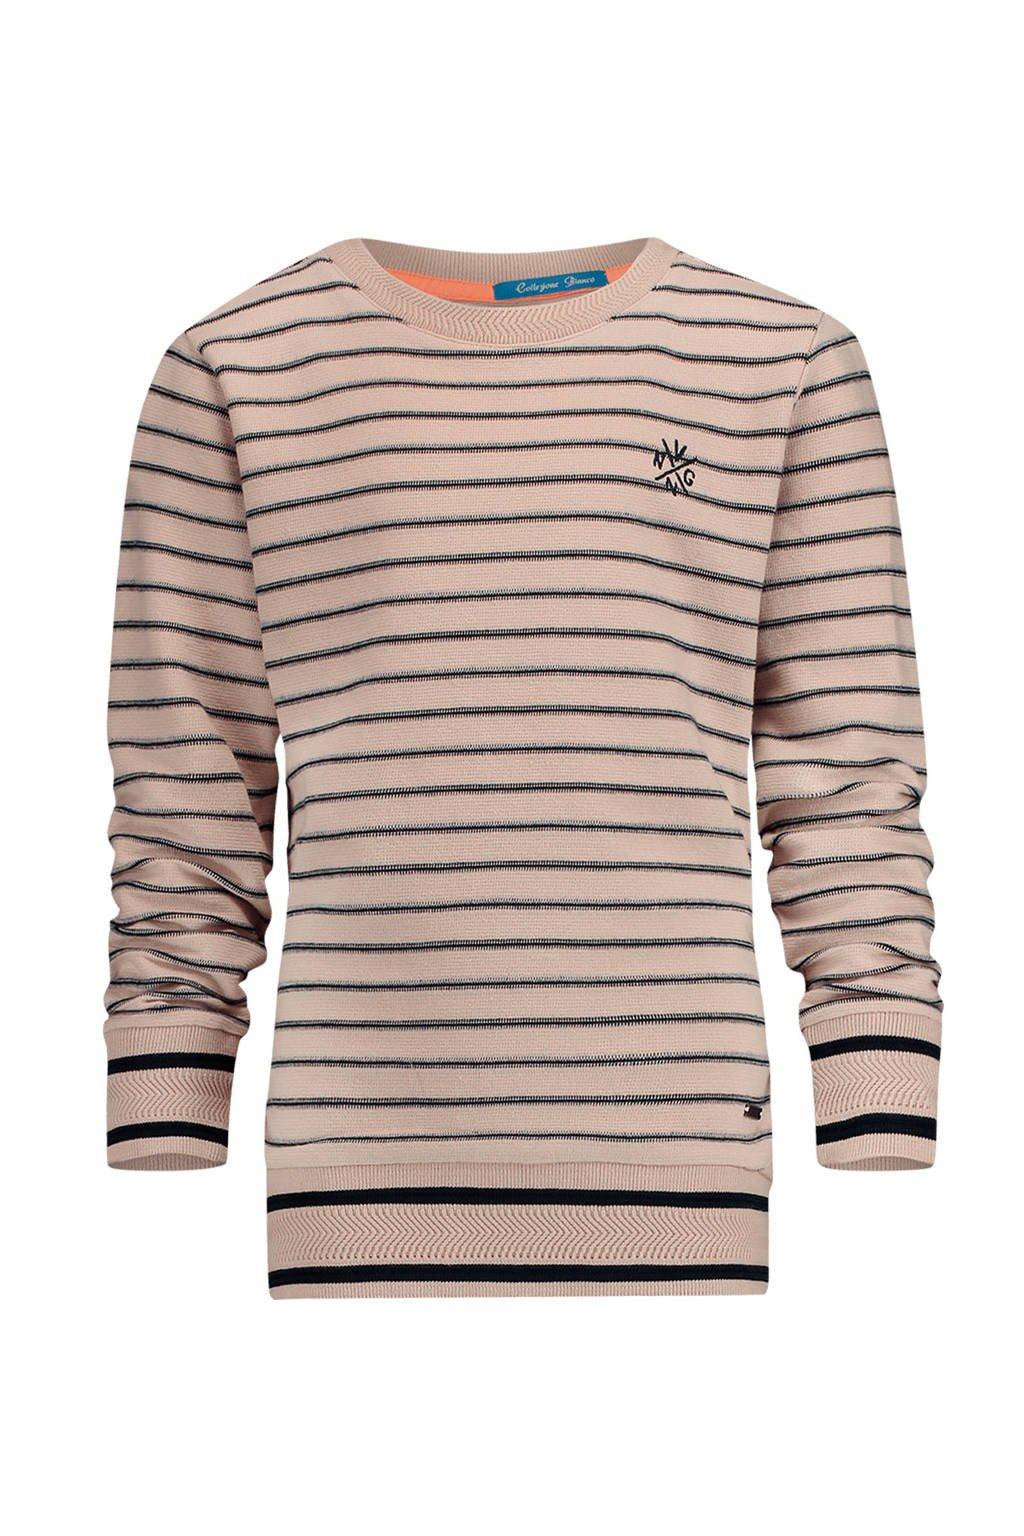 Vingino gestreepte sweater Nadjero ecru, Ecur/zwart